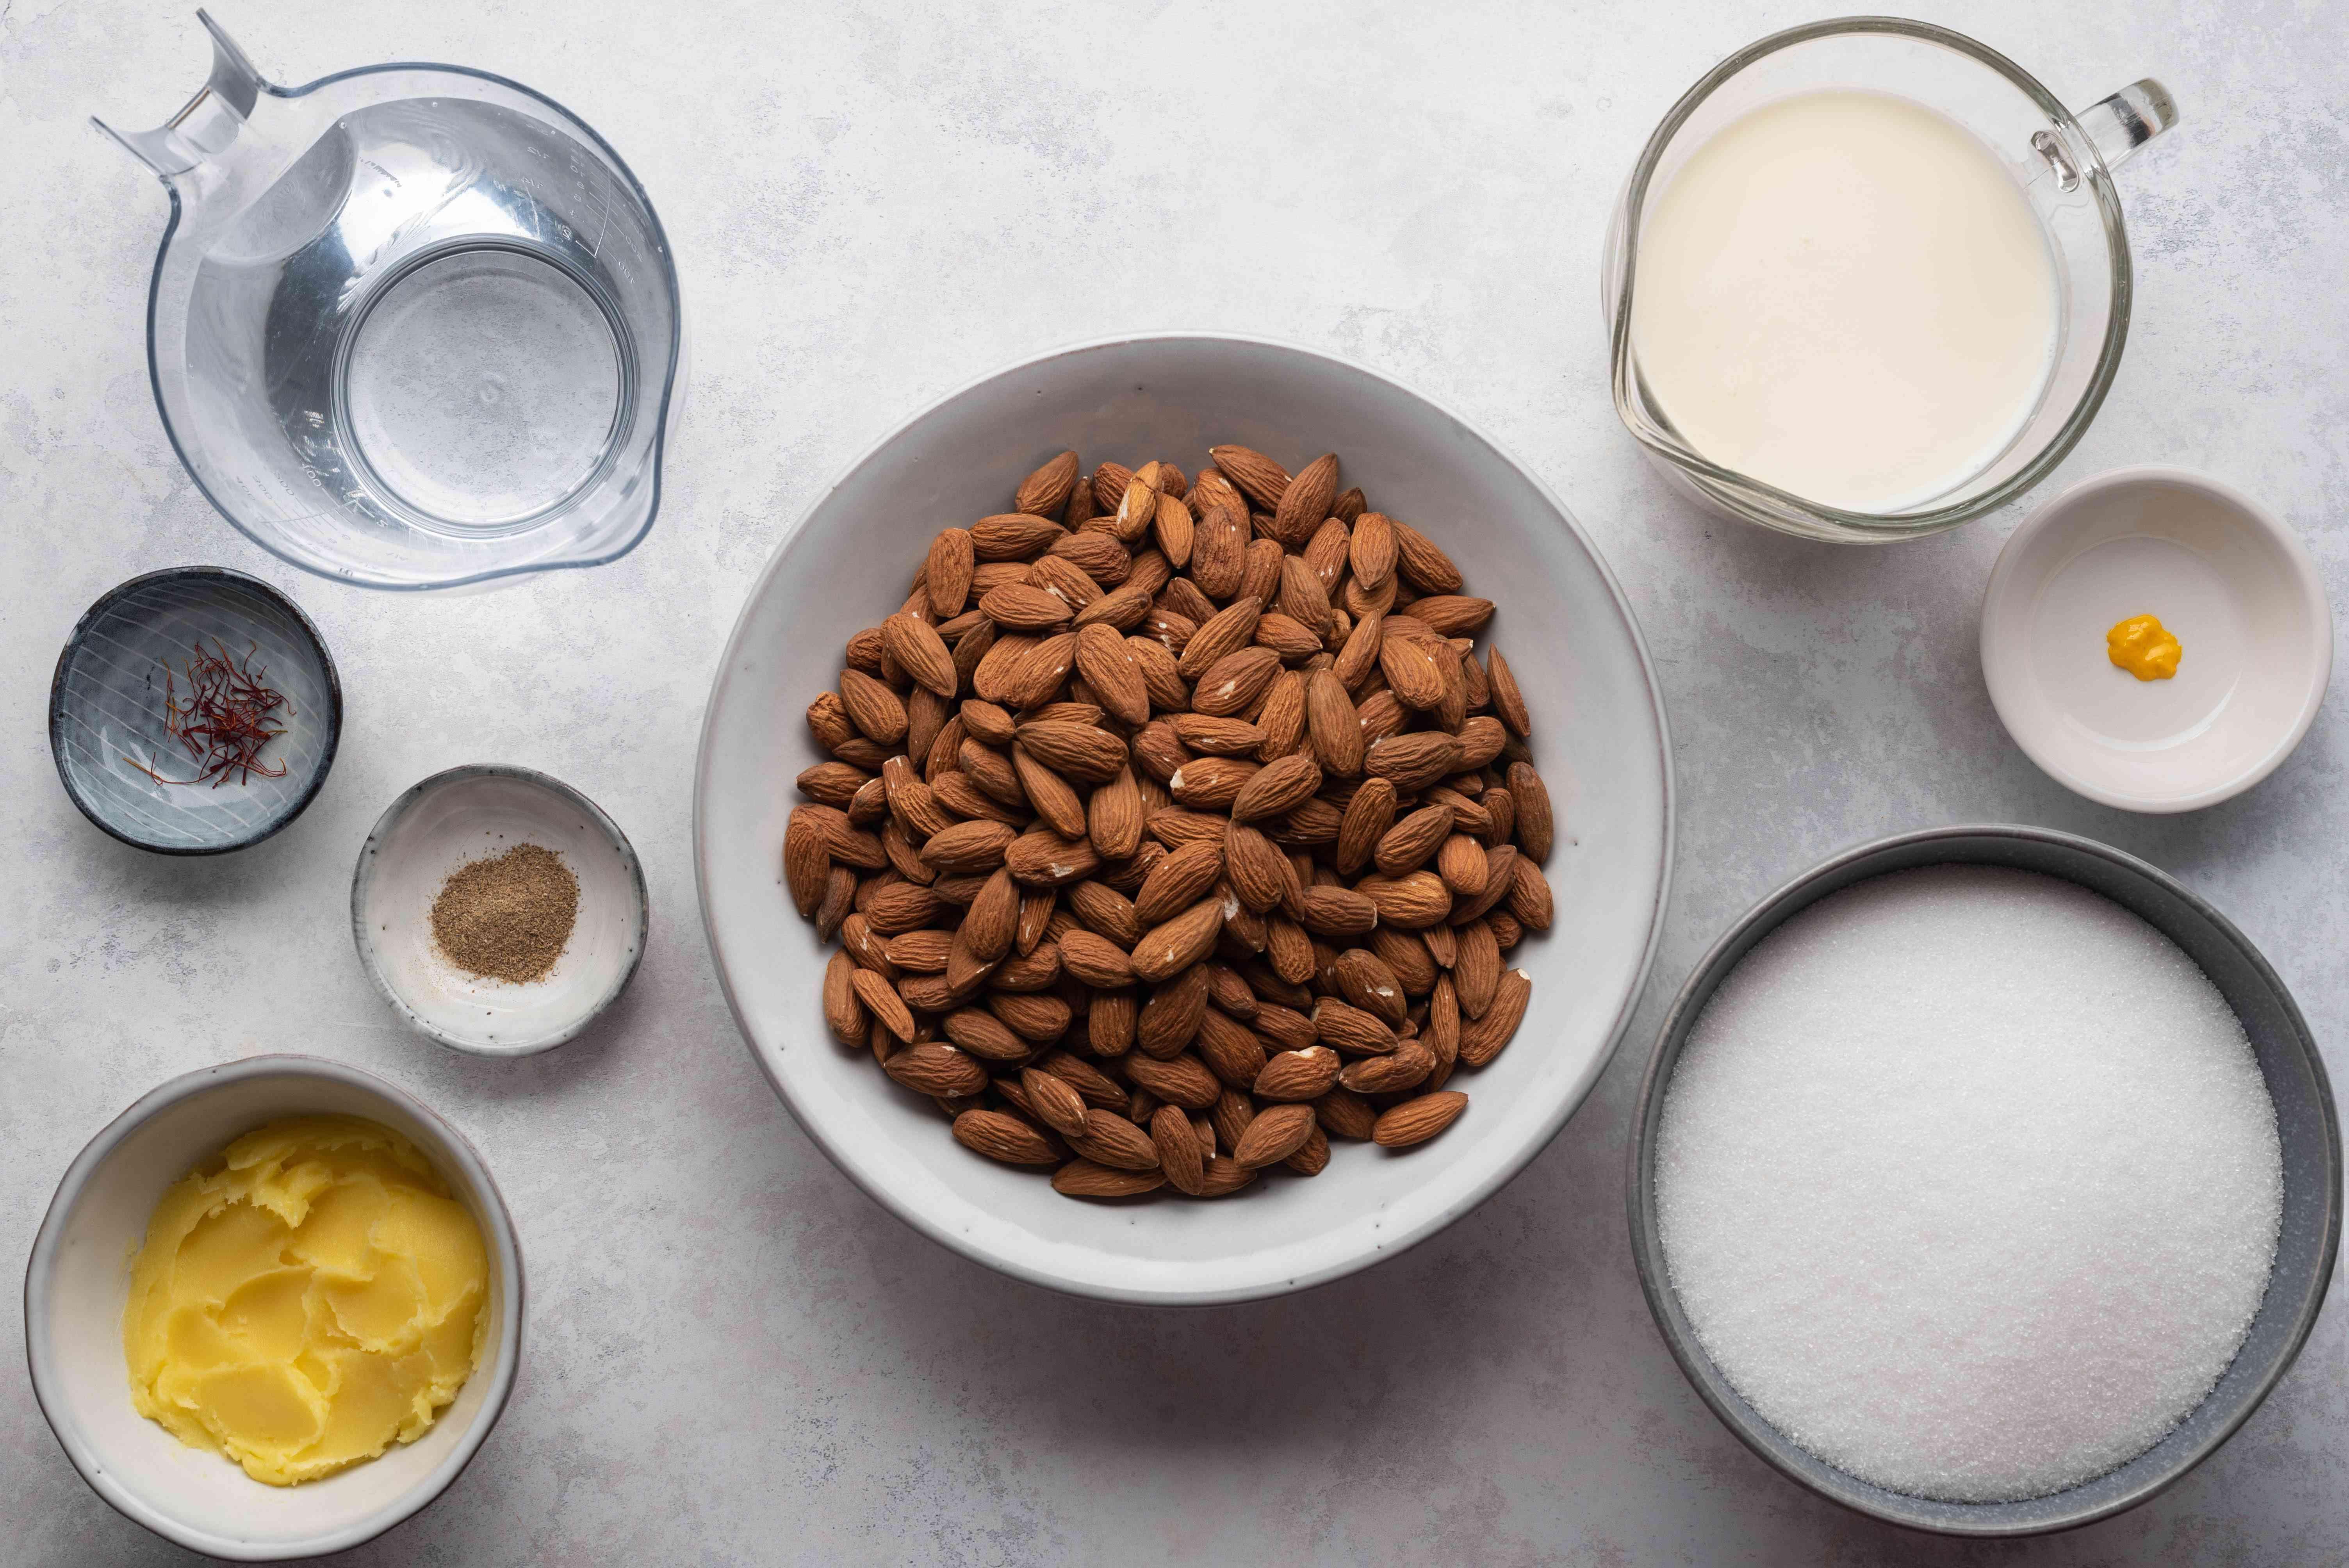 Ingredients for Badam Almond Halwa Indian Dessert